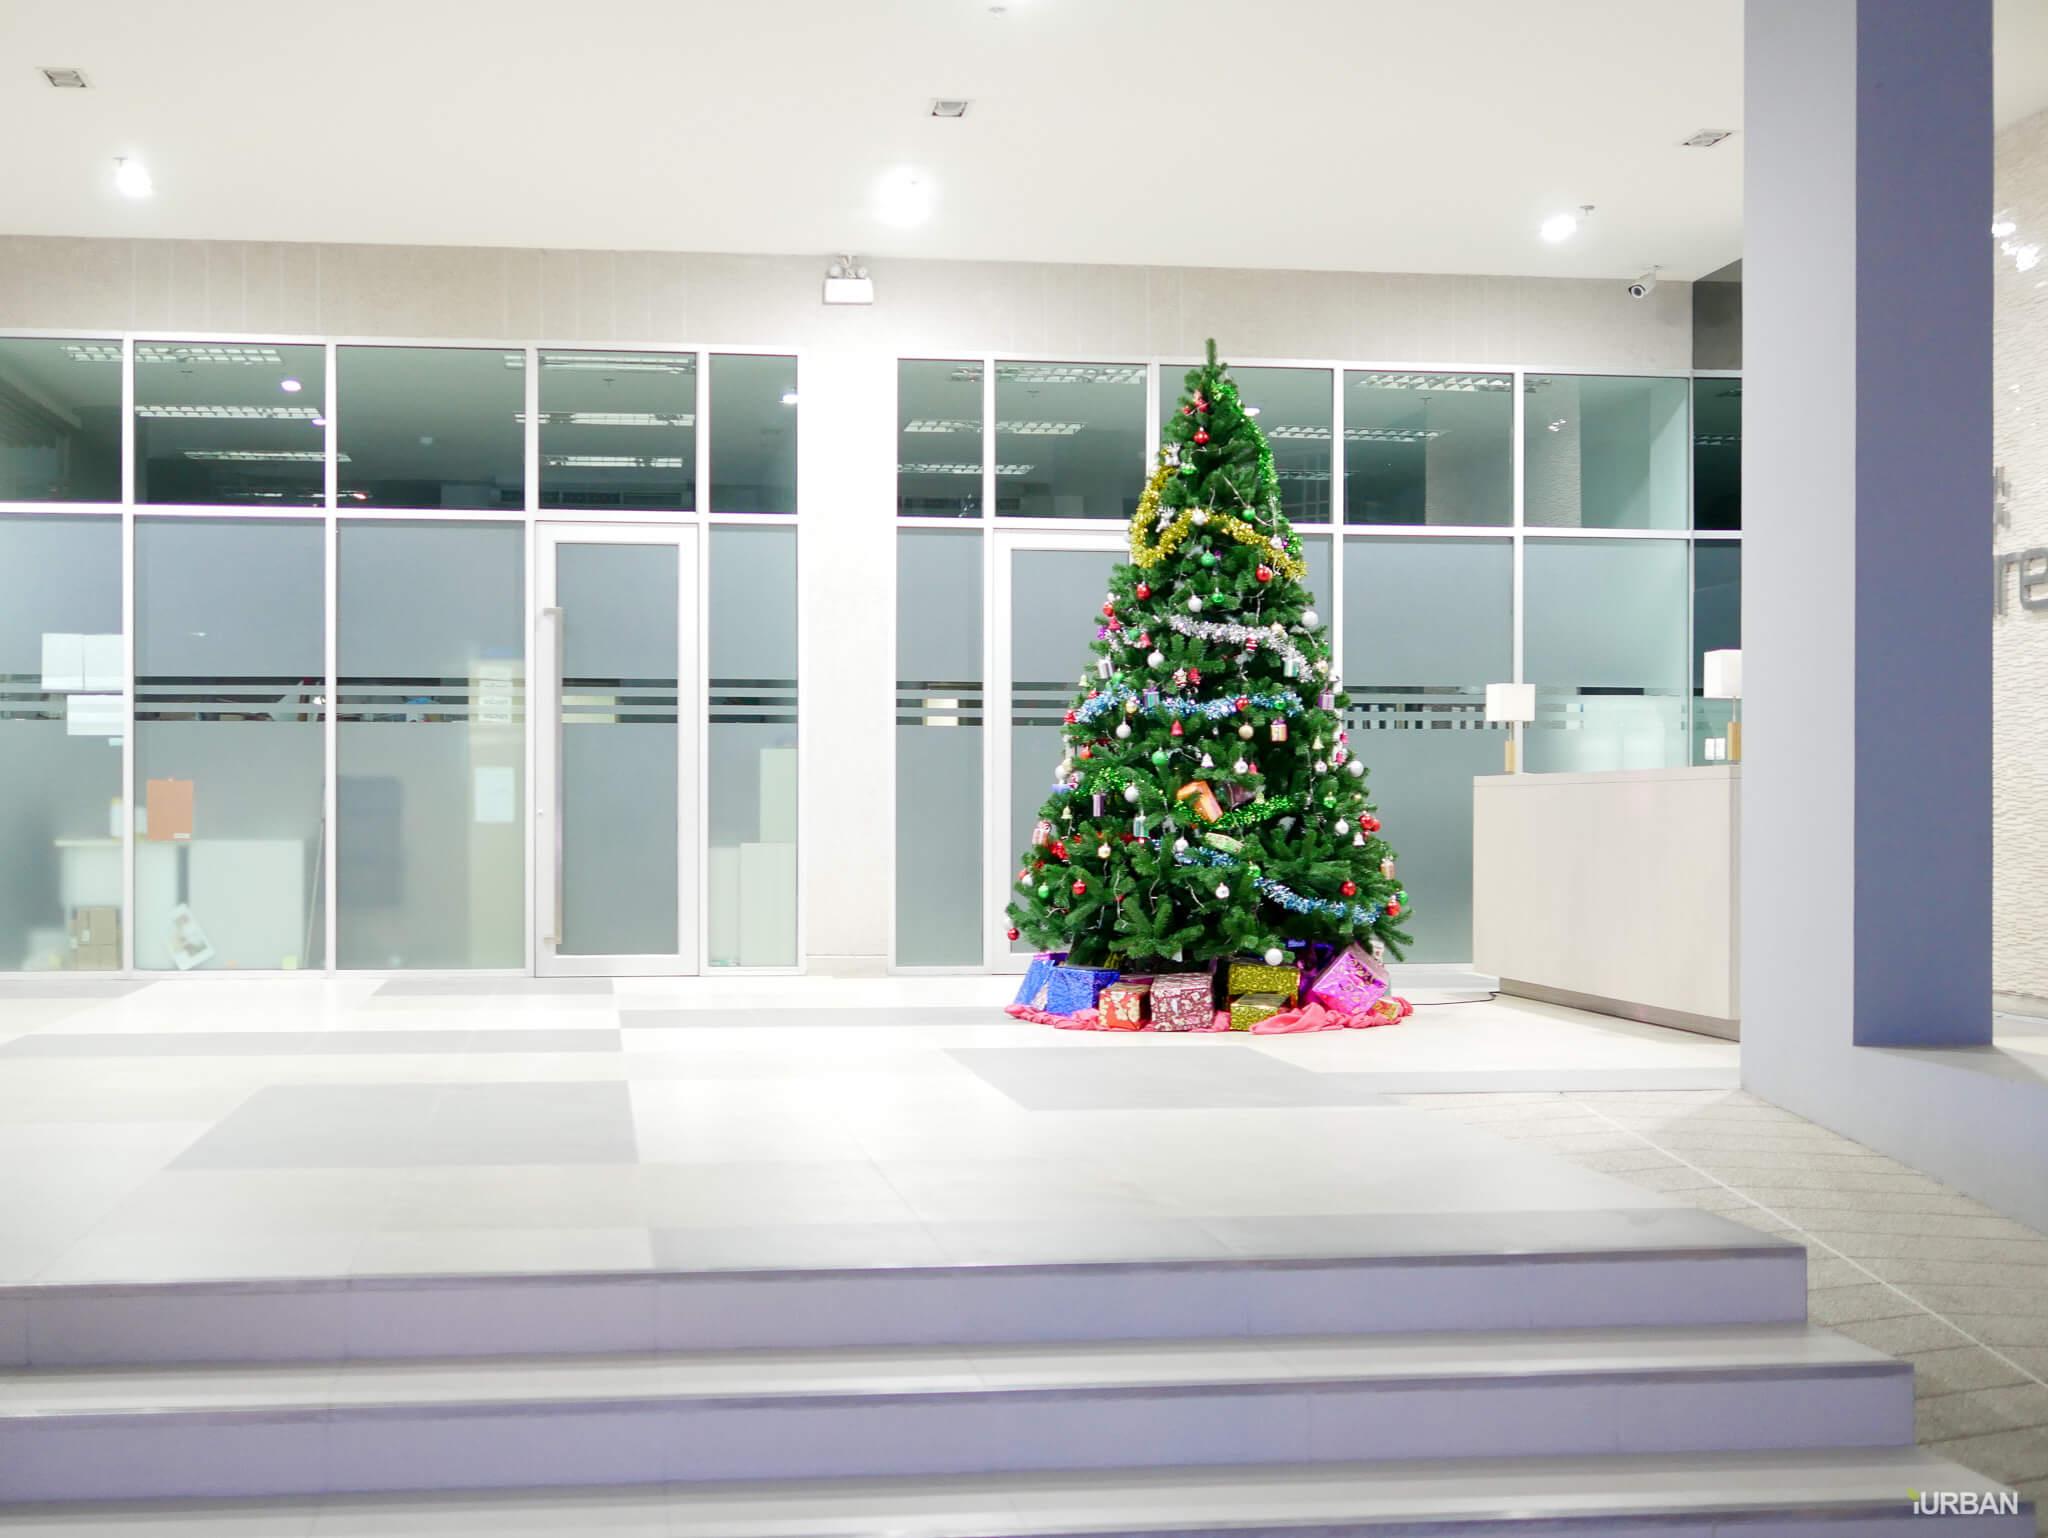 """10 เทคนิคถ่ายรูป ไฟปีใหม่-ไฟคริสต์มาส ด้วย """"กล้องมือถือ"""" ยังไงให้ปัง 43 - AP (Thailand) - เอพี (ไทยแลนด์)"""